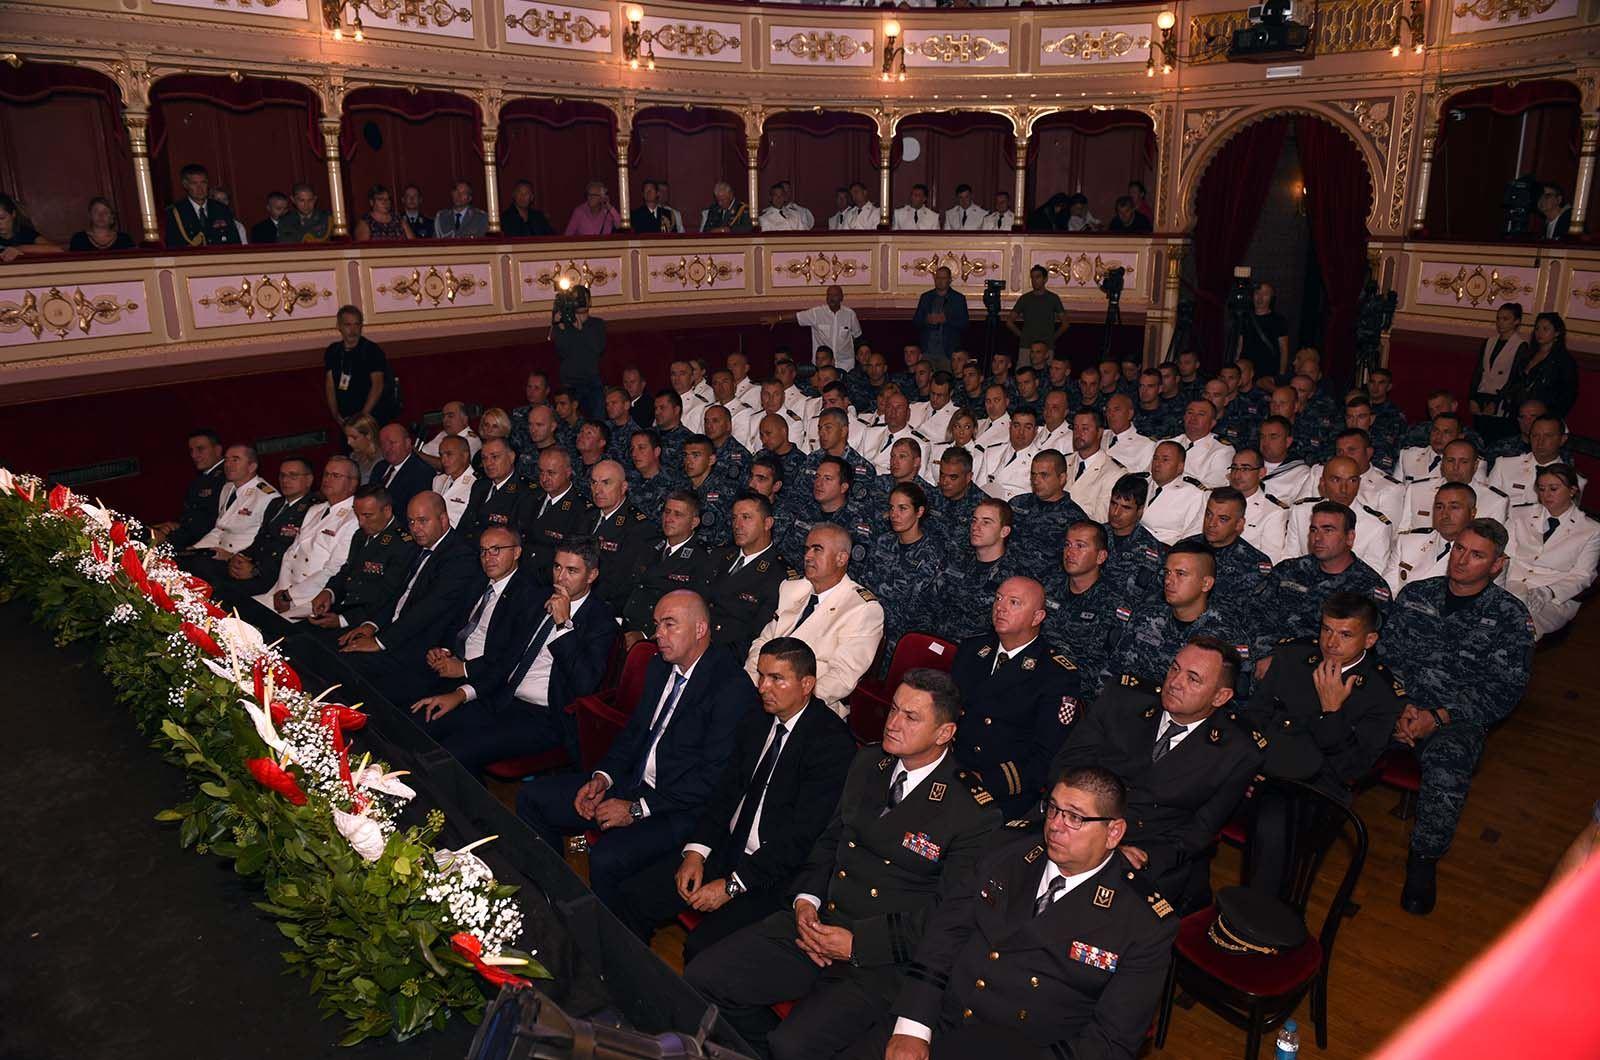 Svečano obilježavanje 28. obljetnice HRM-a u Dubrovniku